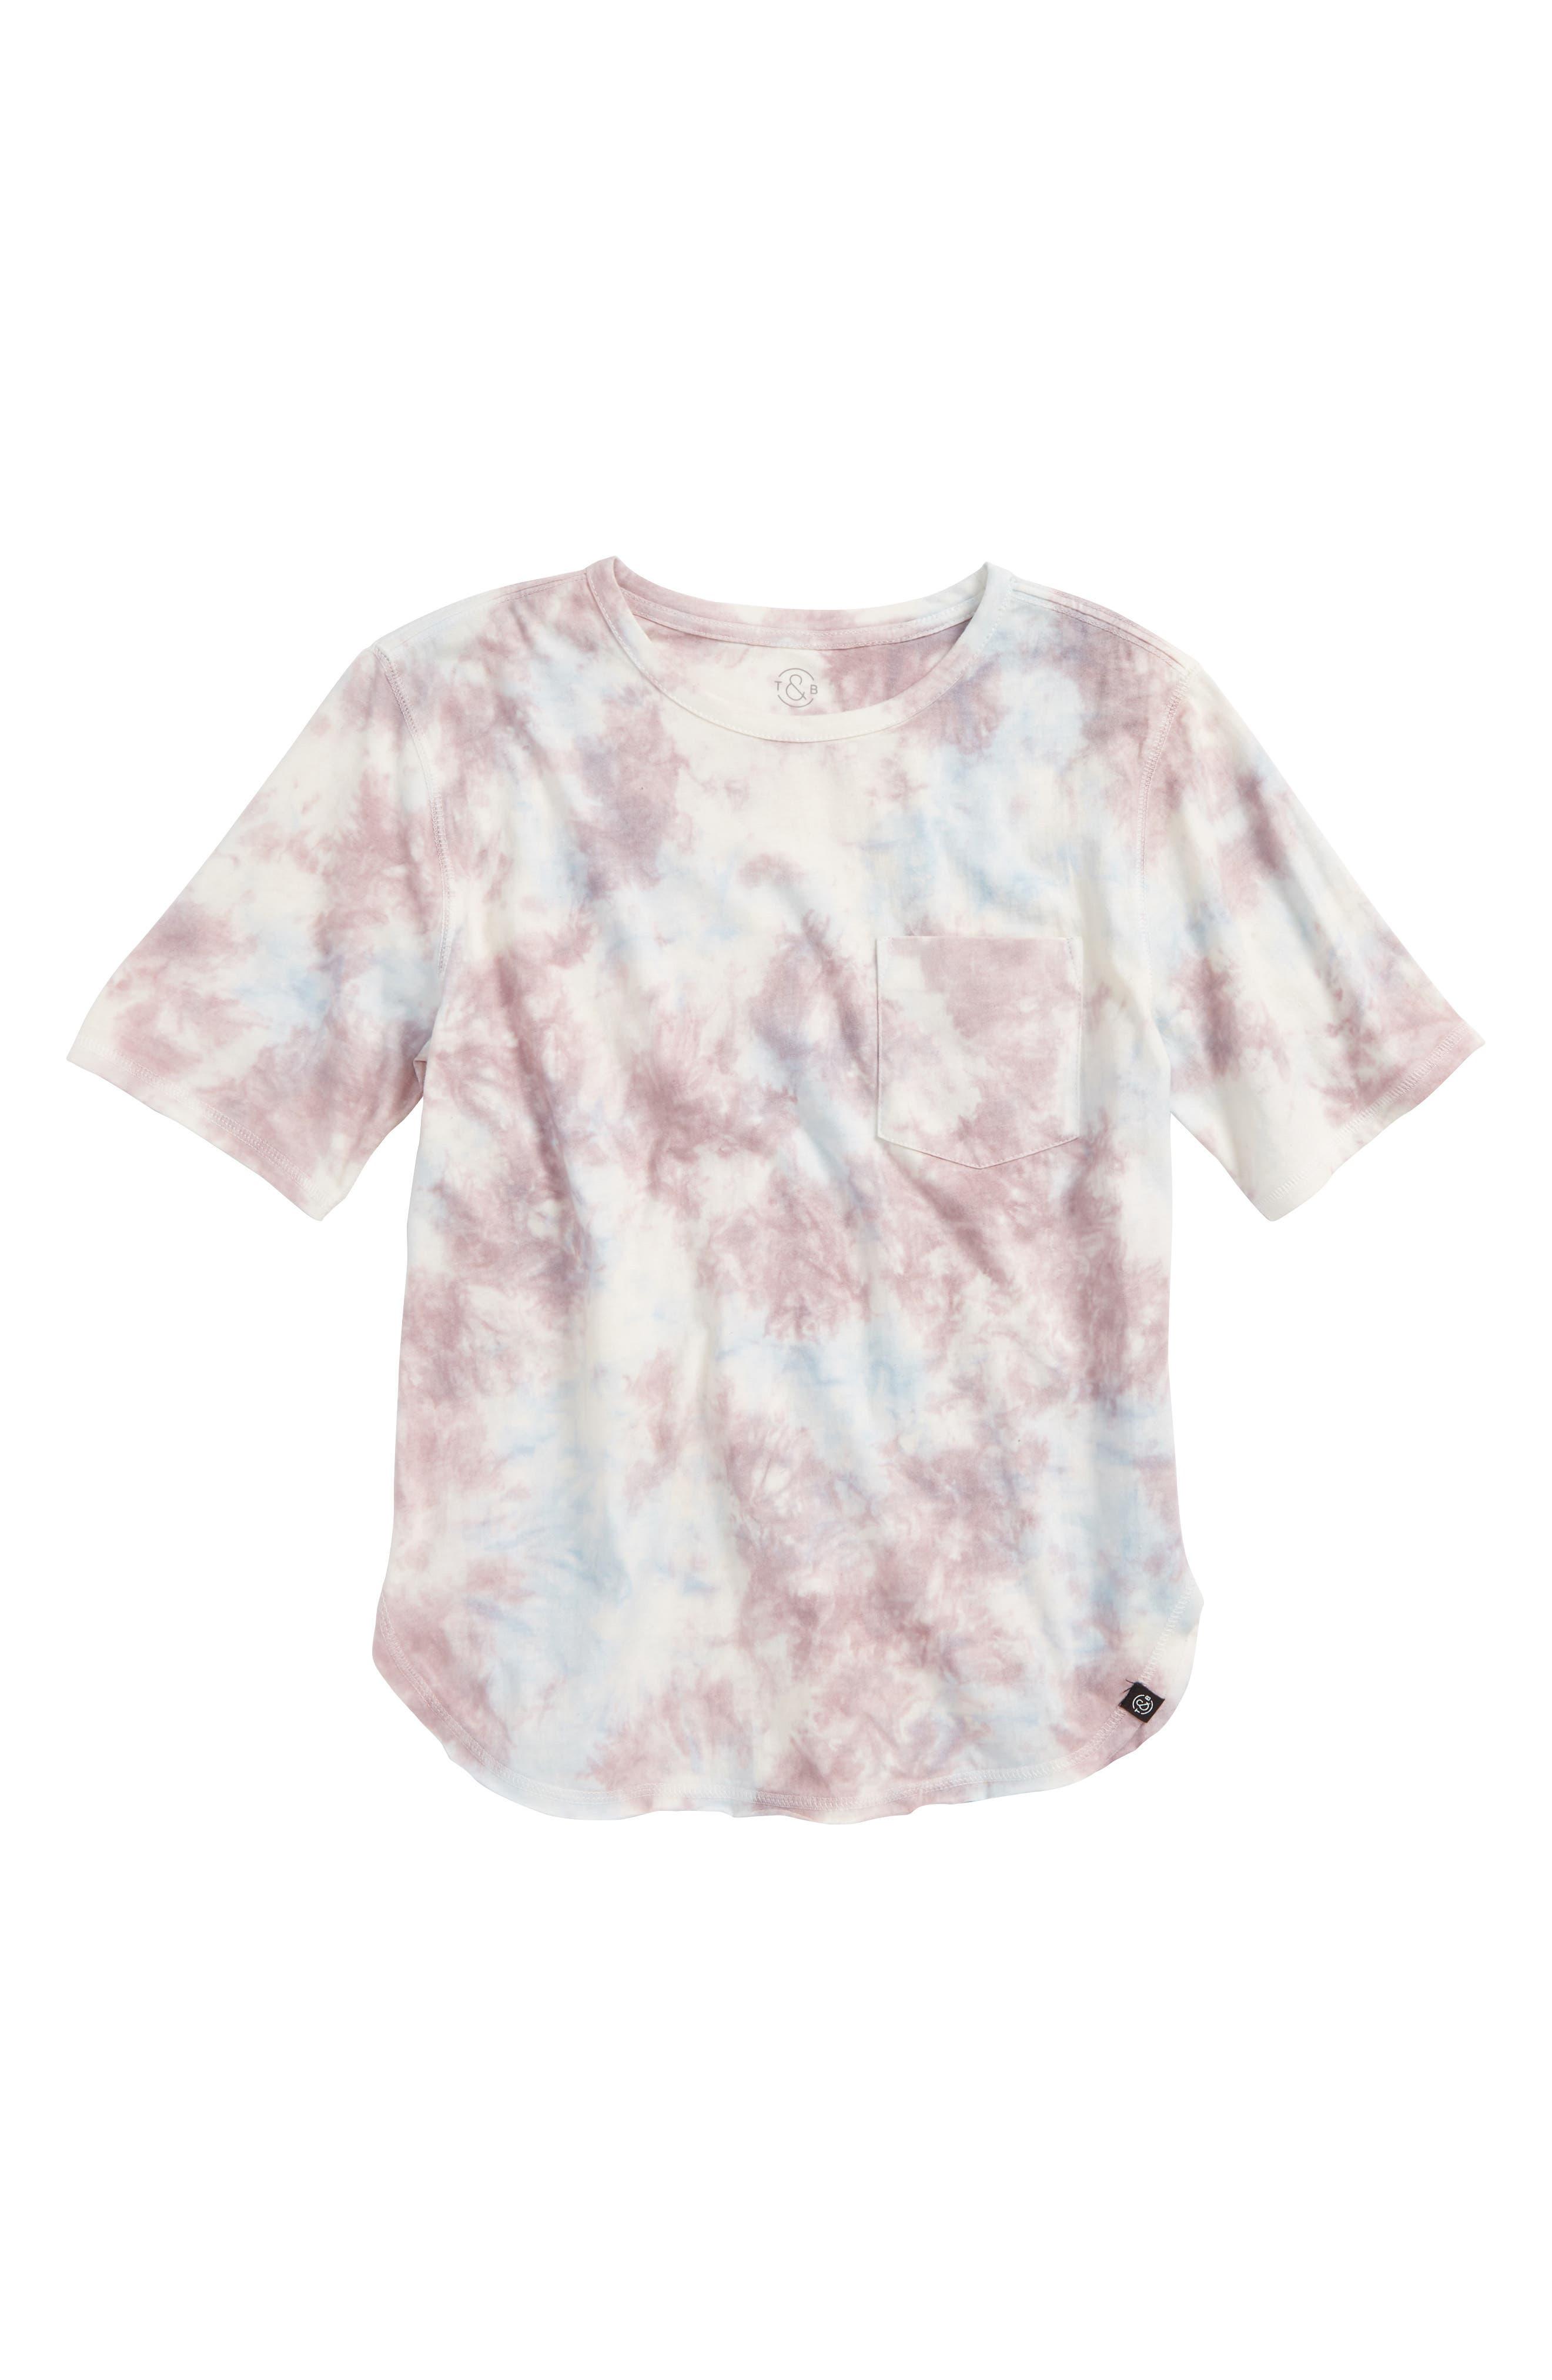 Tie Dye T-Shirt,                             Main thumbnail 1, color,                             Ivory Multi Tie Dye